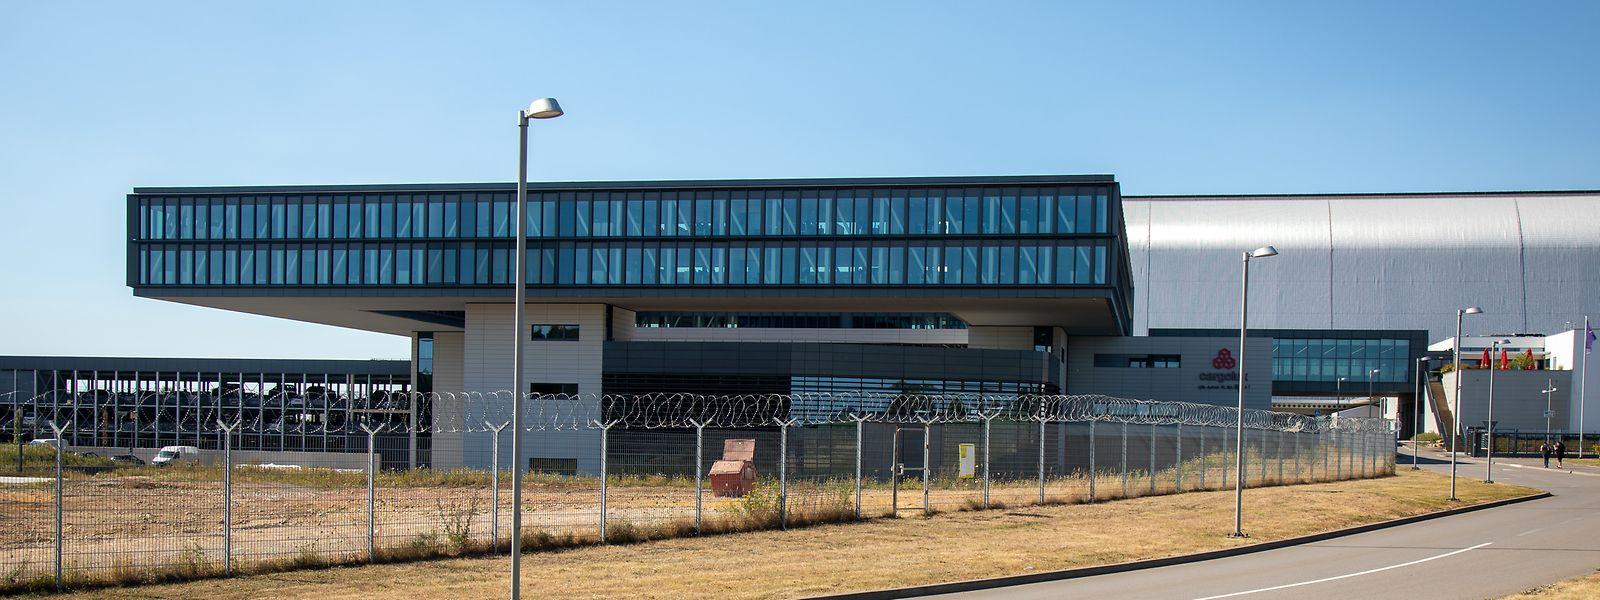 La construction du nouveau siège social de la société à Sandweiler a débuté fin 2017 et les clefs du nouveau bâtiment Cargolux ont été remises le mois dernier.